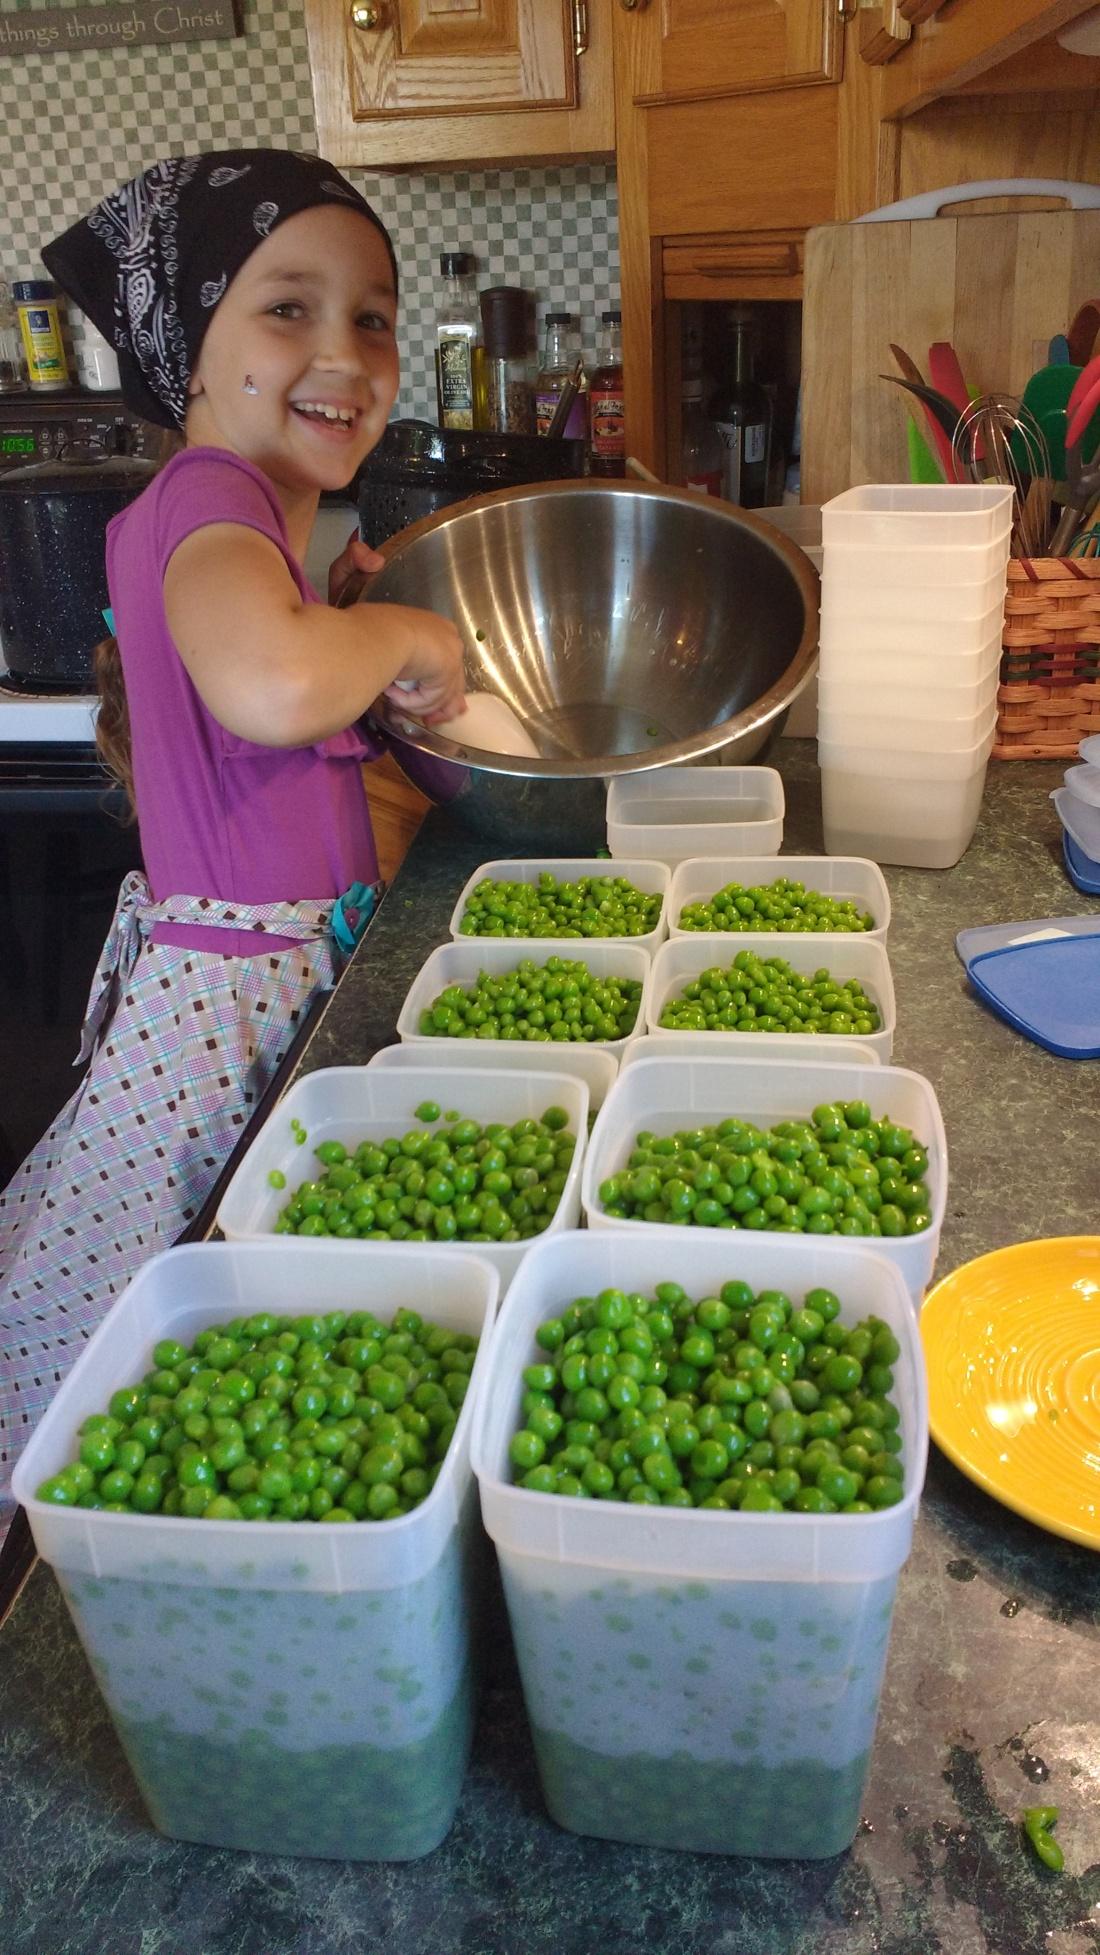 Liv with peas